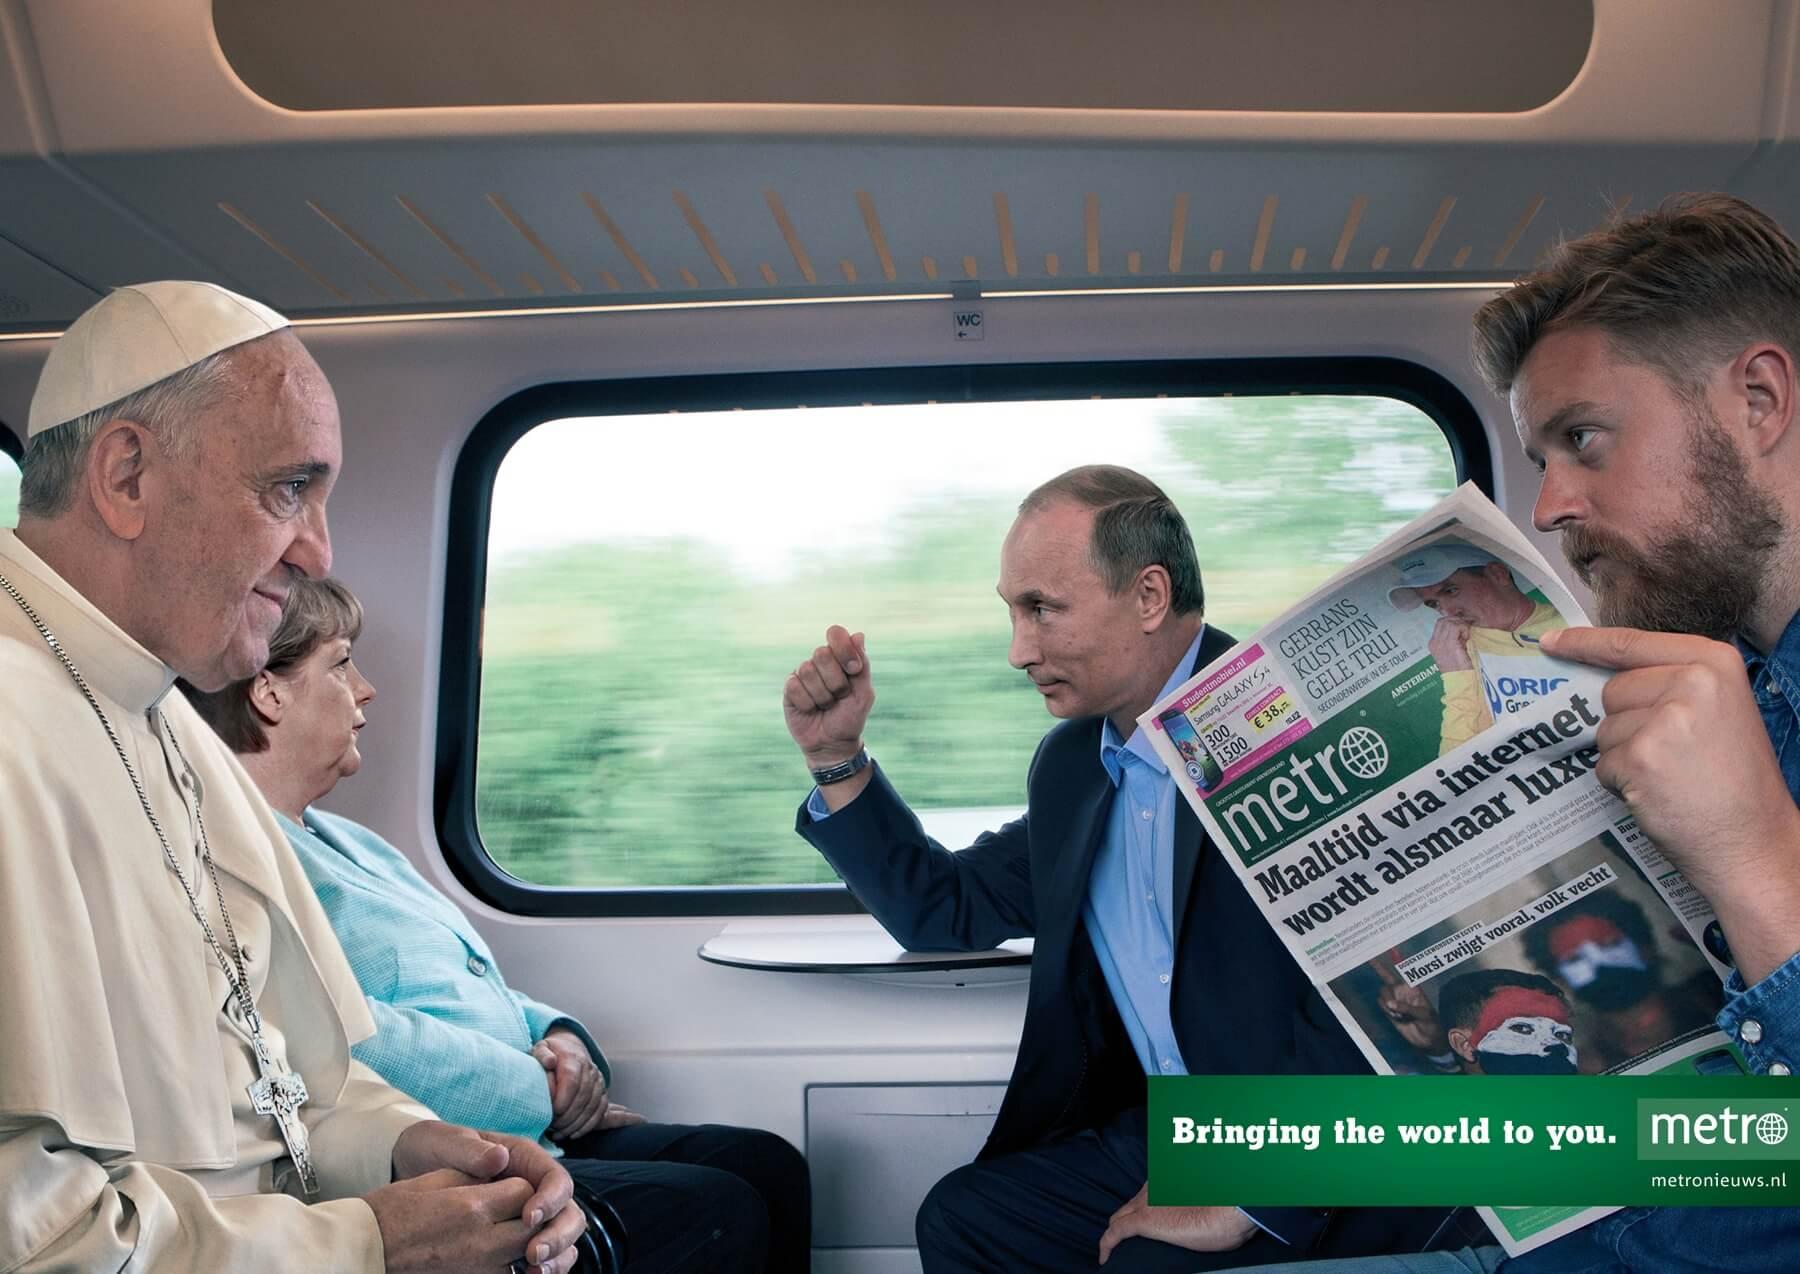 #CuandoLaPublicidad ¡Pone al papa en tu vagón!